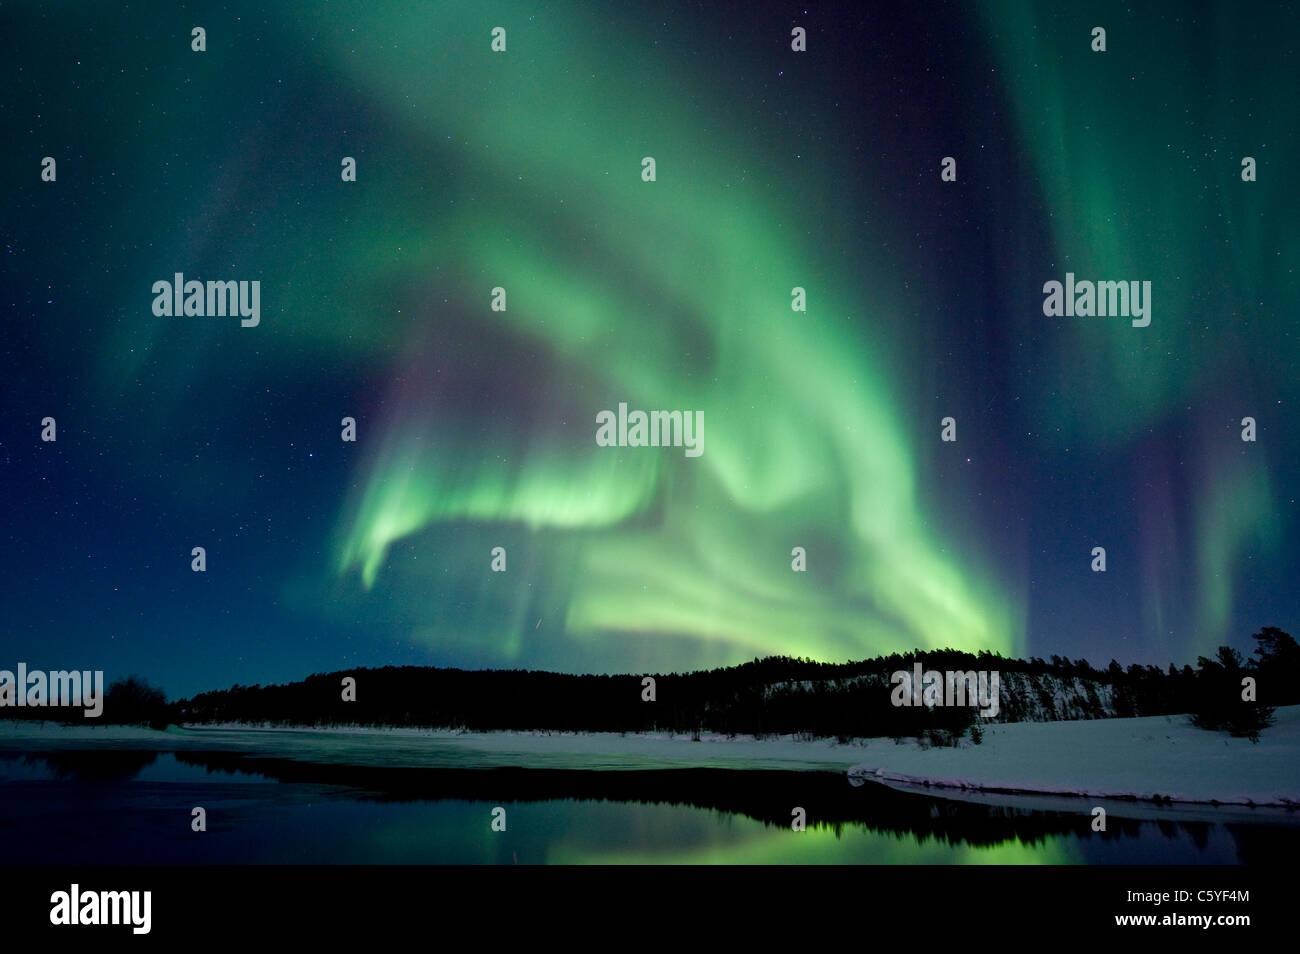 Nordlicht, auch Aurora Borealis über die verschneite Tundra. Lappland, Finnland. Stockbild